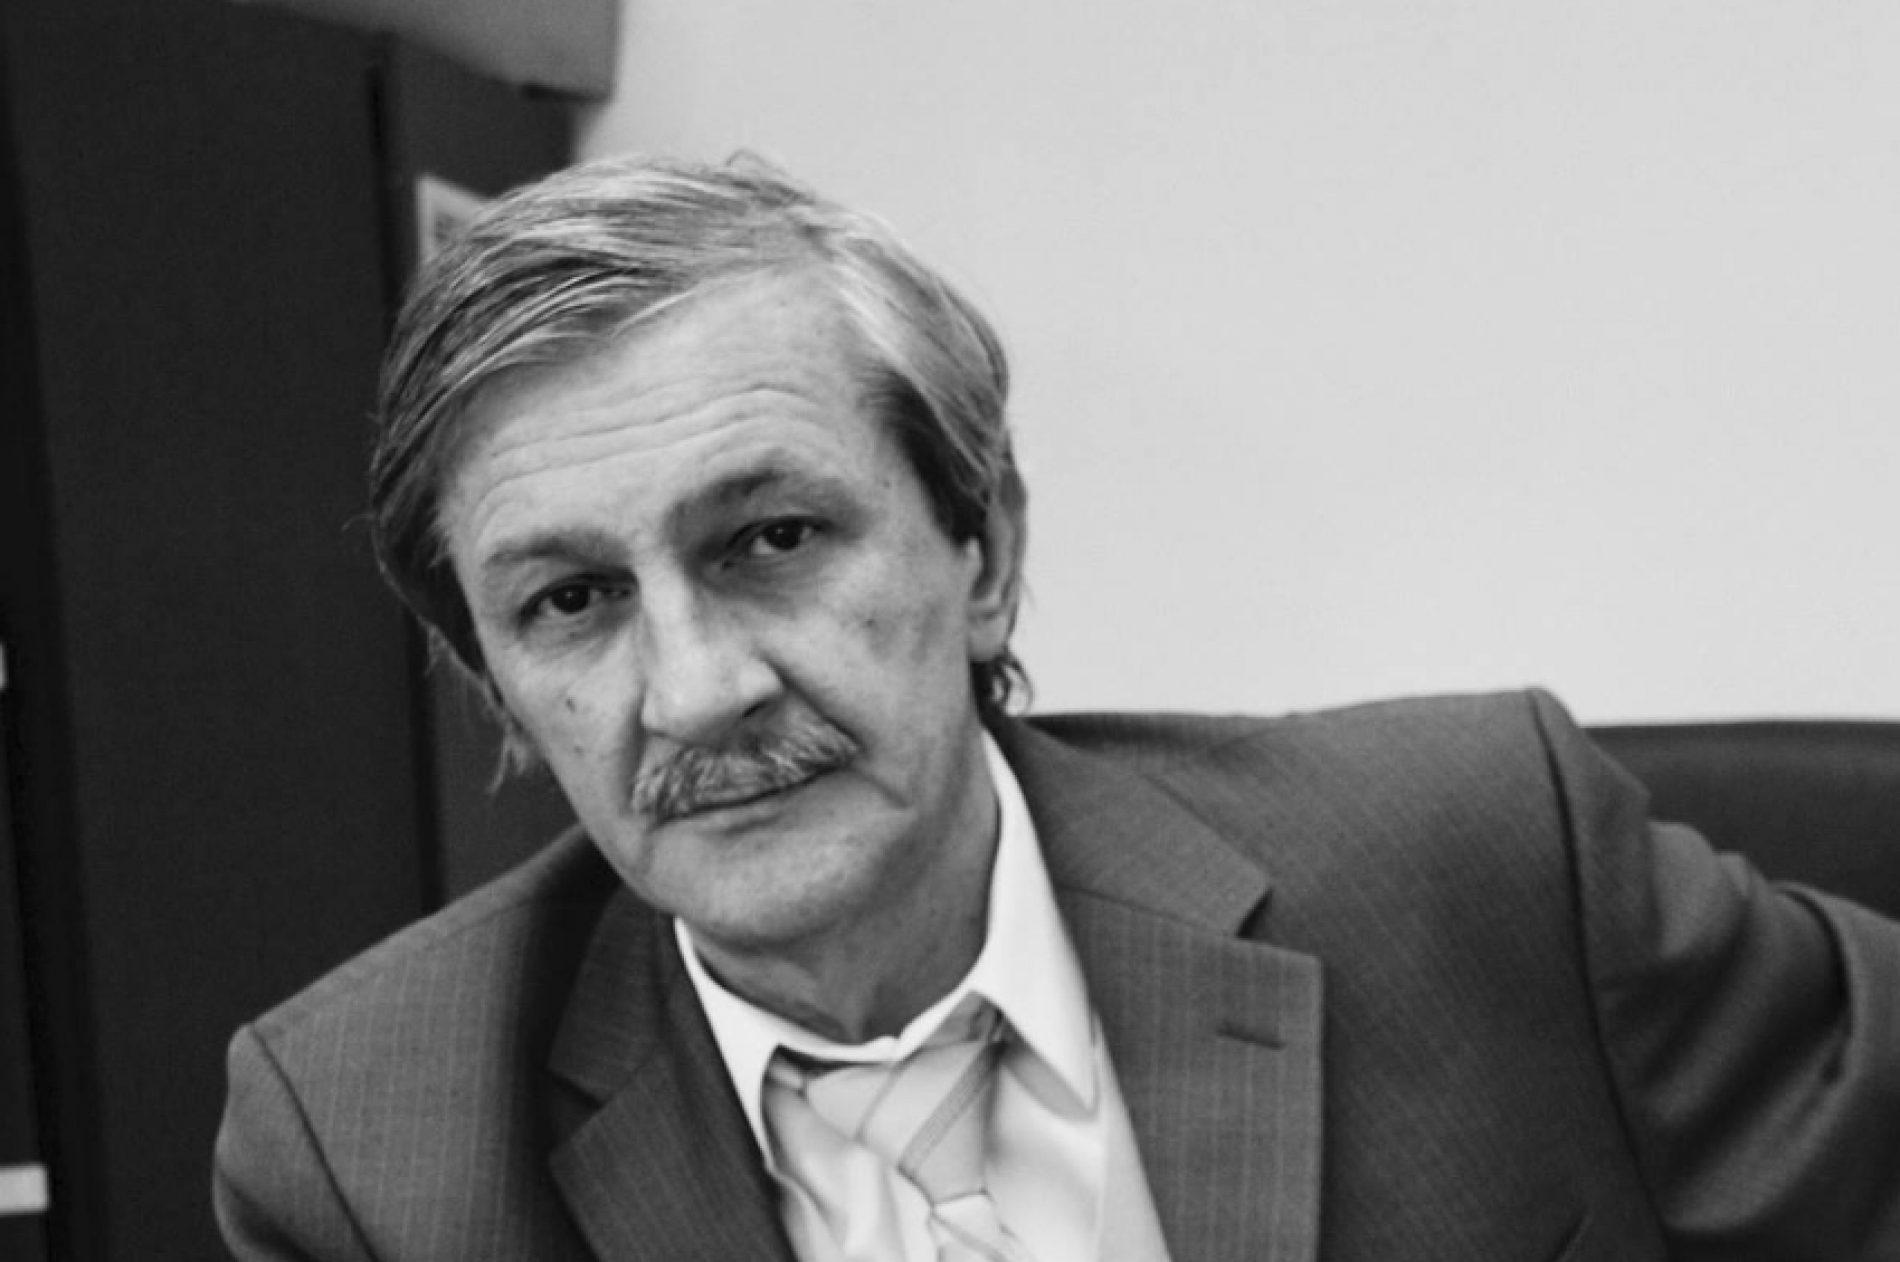 Neka je rahmet duši Isnama Taljića našeg velikog književnika